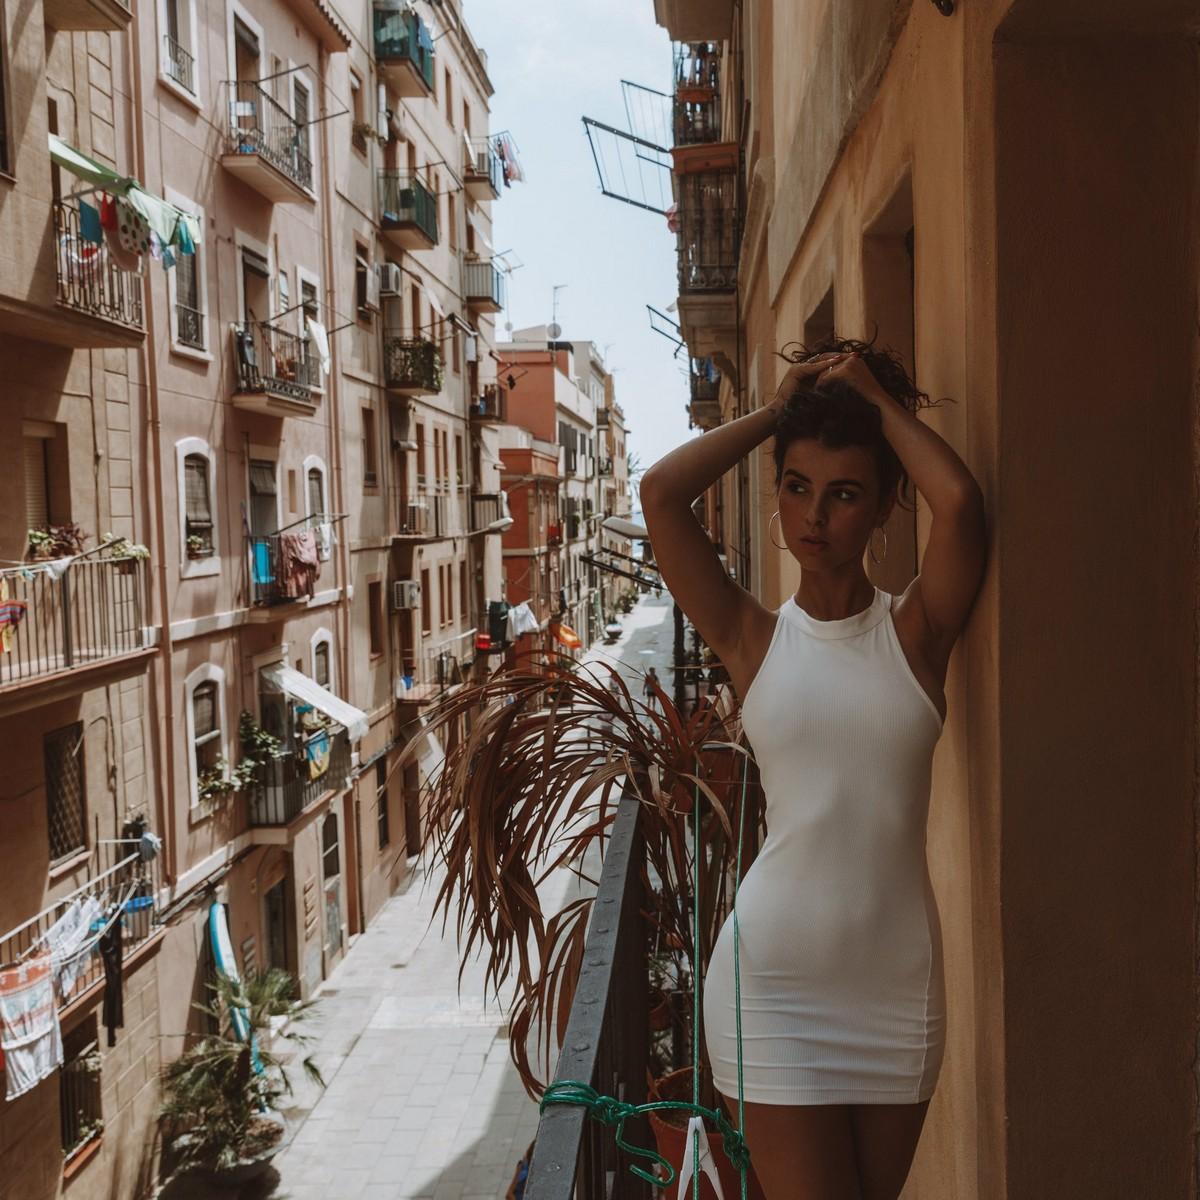 Чувственные снимки девушек от Клинта Падилла